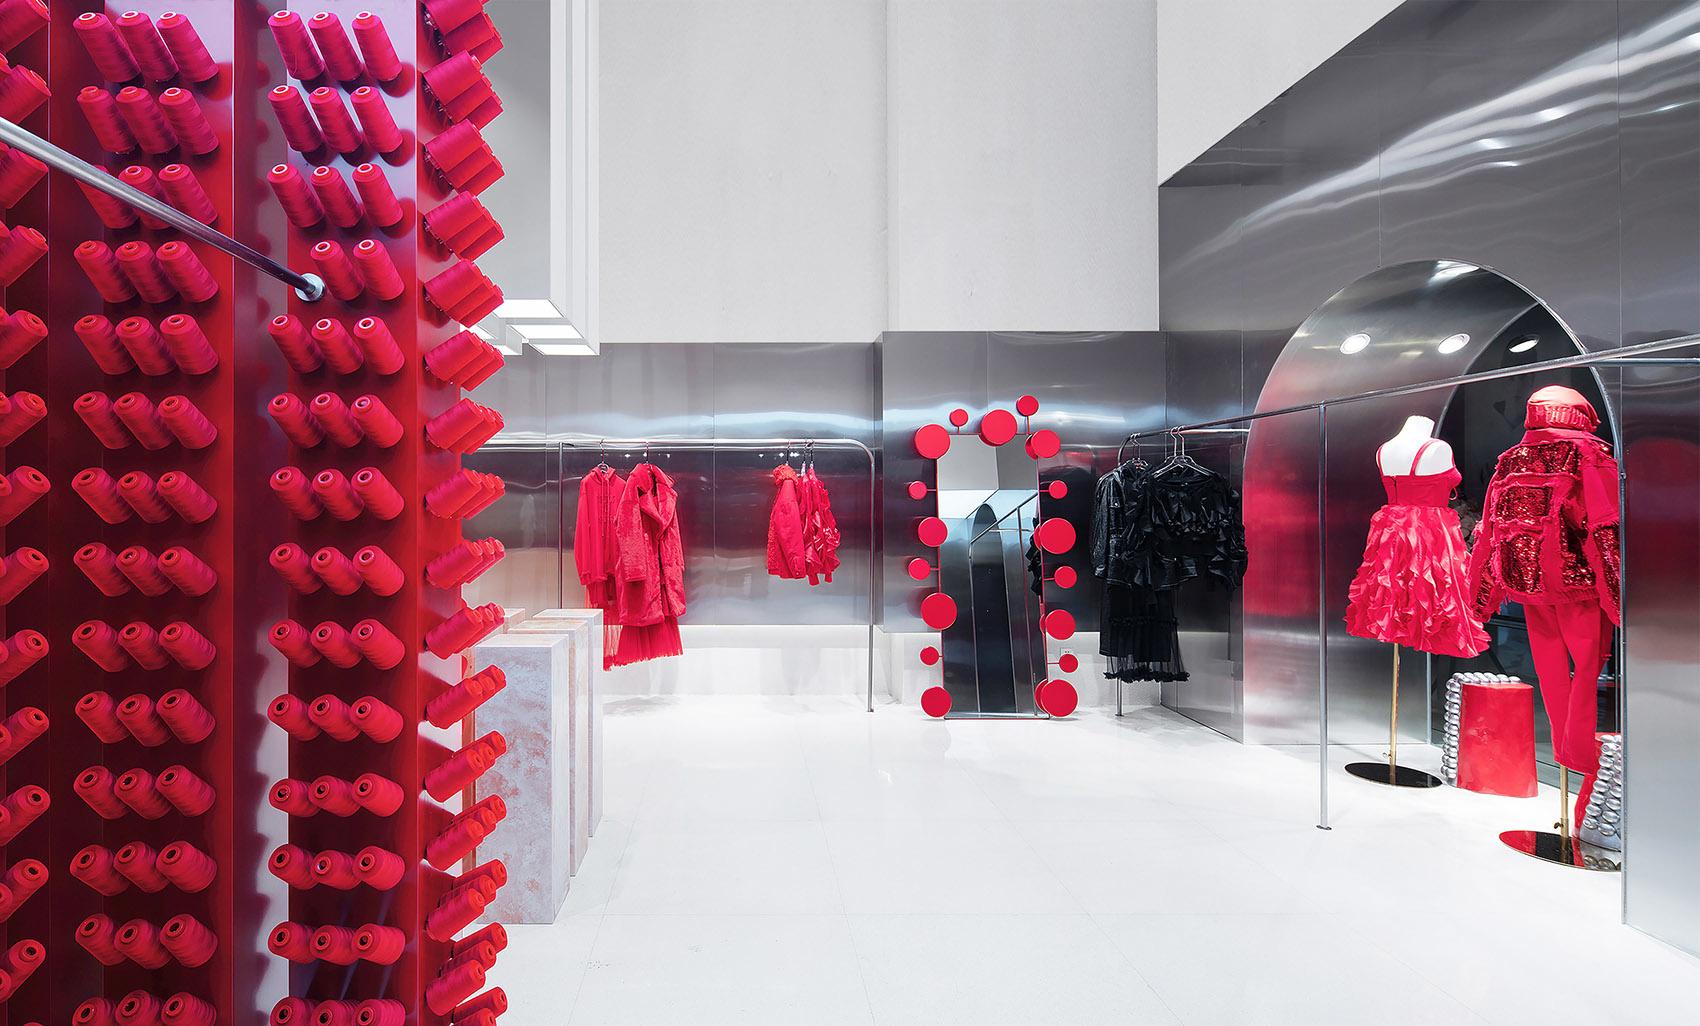 Яркий бутик одежды в Китае (галерея 7, фото 3)